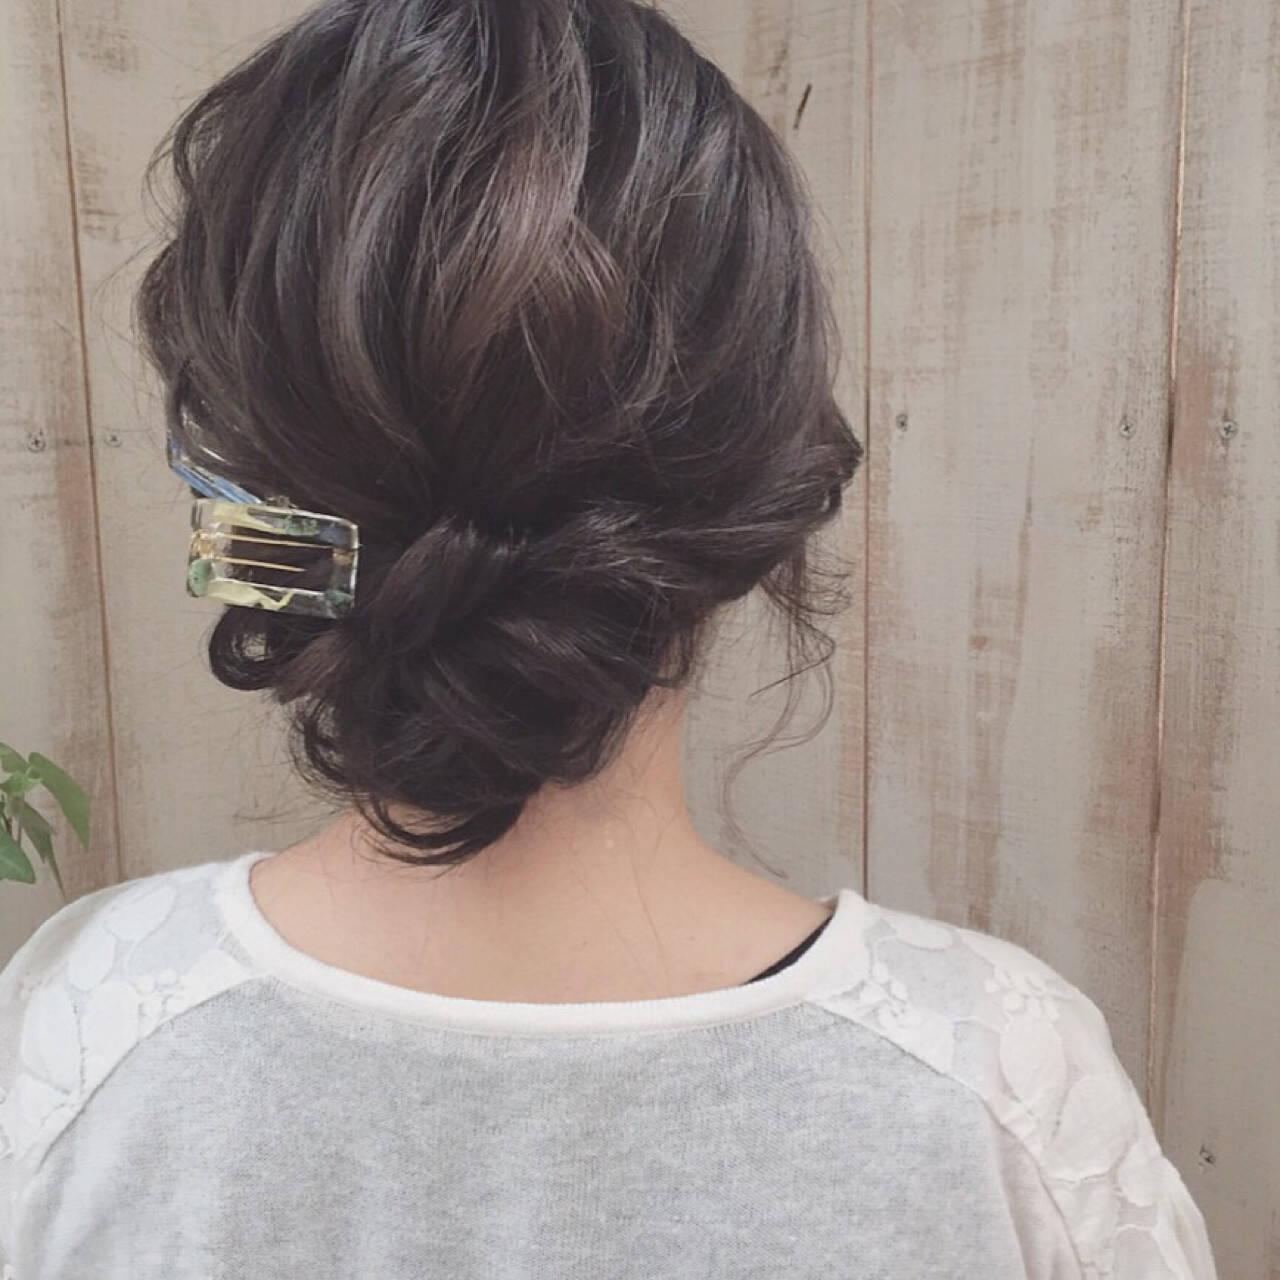 暗髪 ミディアム アップスタイル ヘアアレンジヘアスタイルや髪型の写真・画像